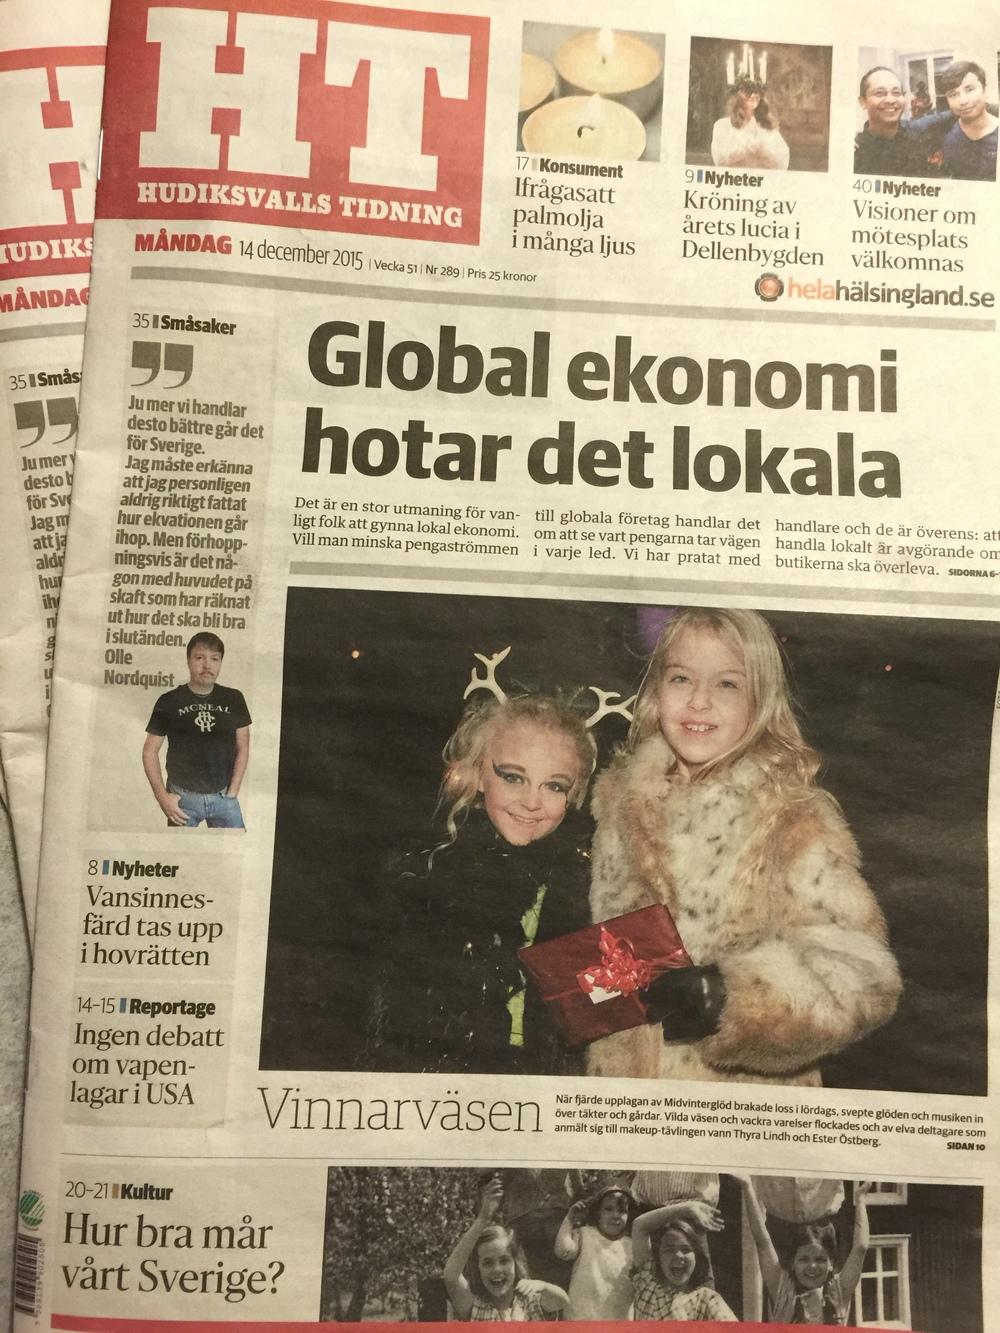 Midvinterglöd 2015 - FjäderFall på Hudiksvalls Tidnings första sida!